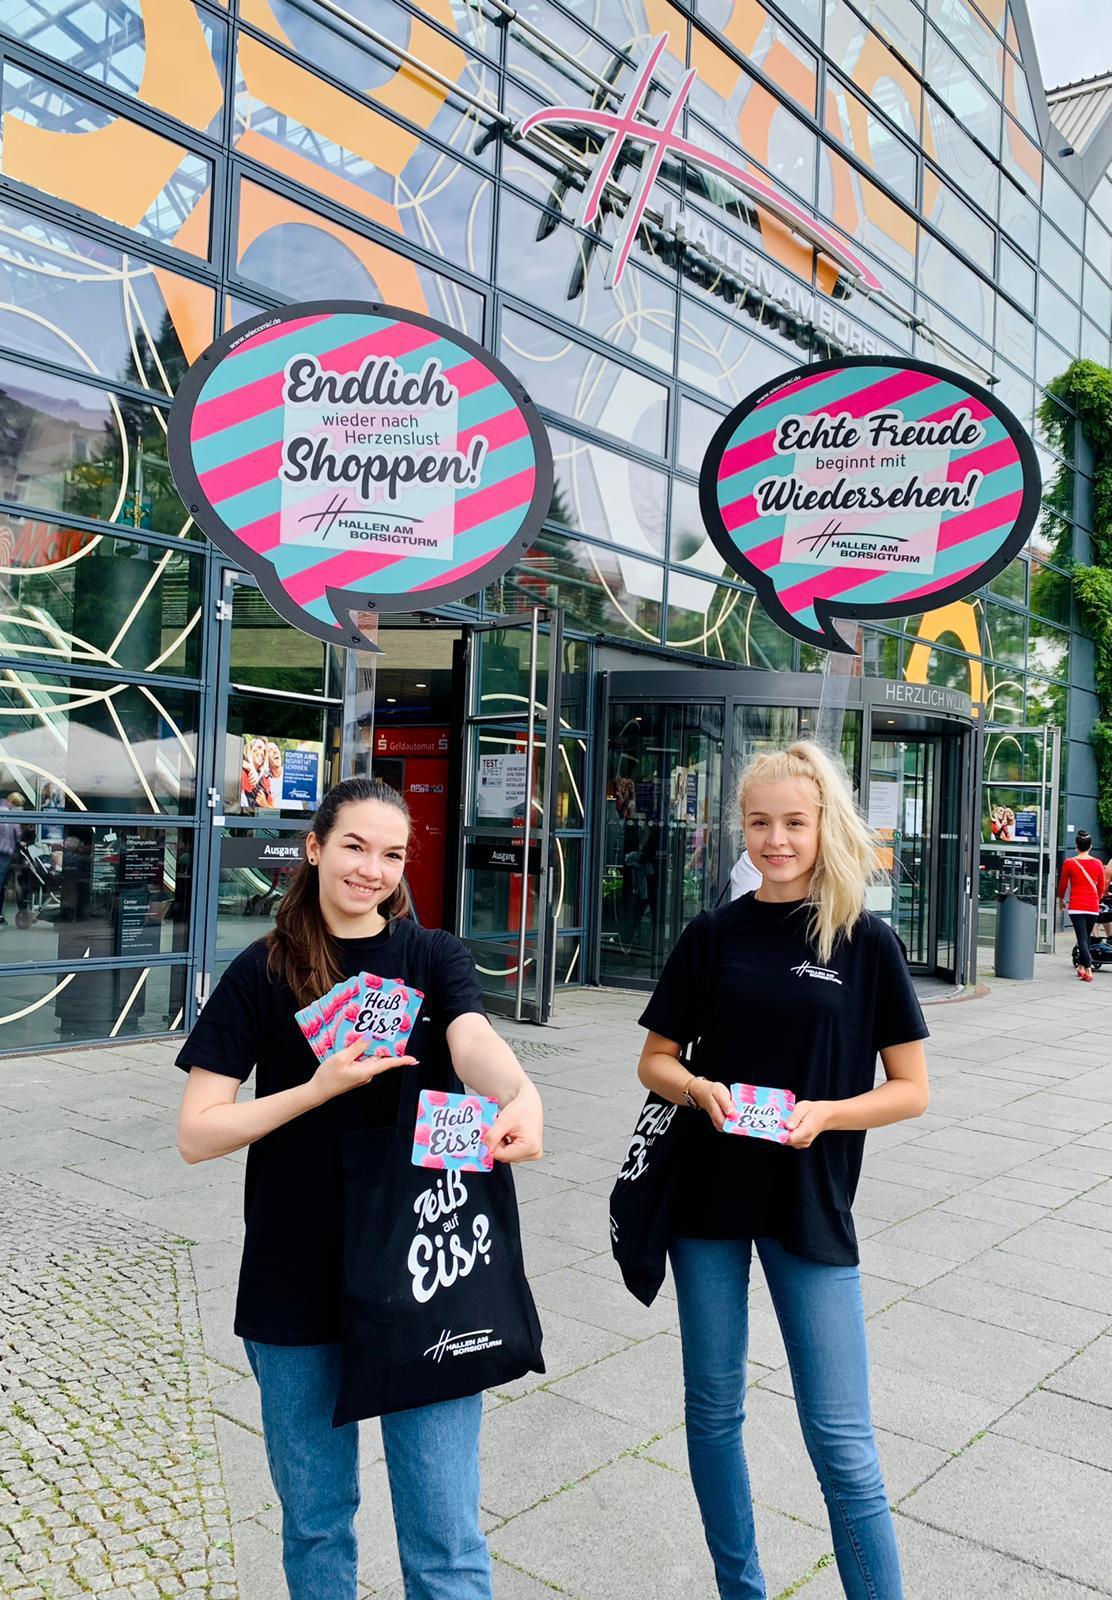 Eiscreme Promotion vor den Hallen am Borsigturm als Teil der Crossmedia Kampagne